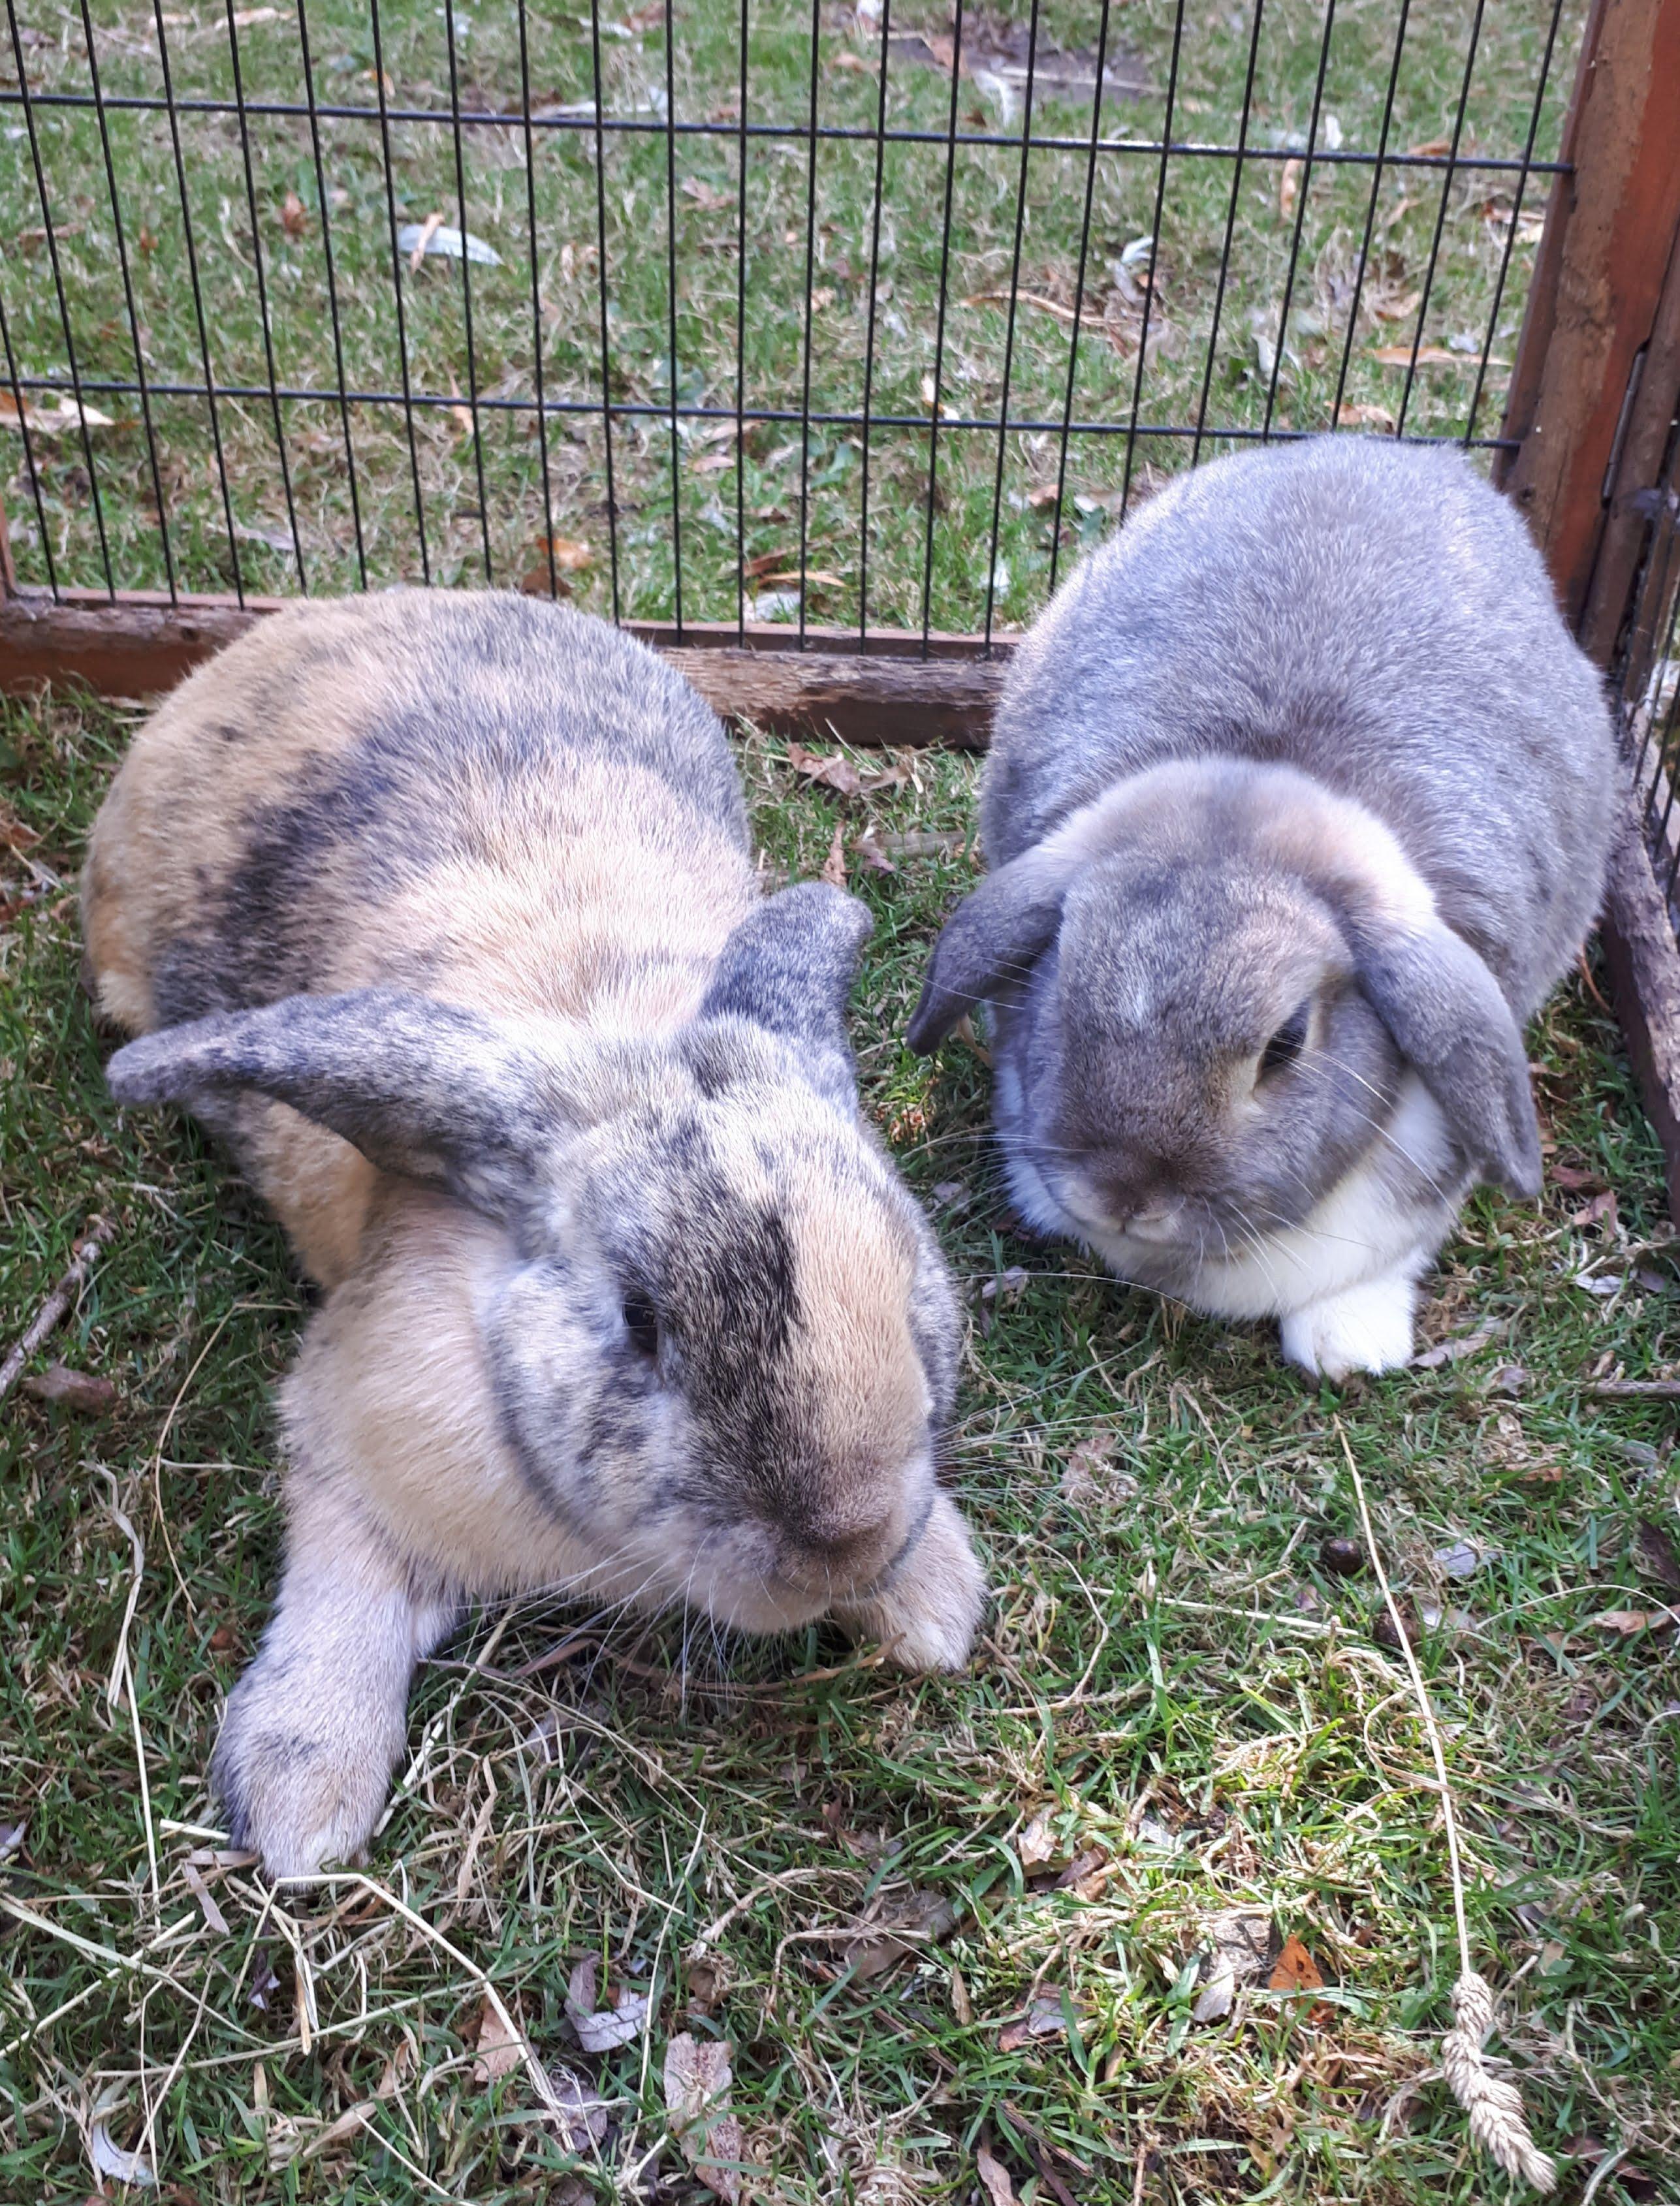 Thumper & Flopsie